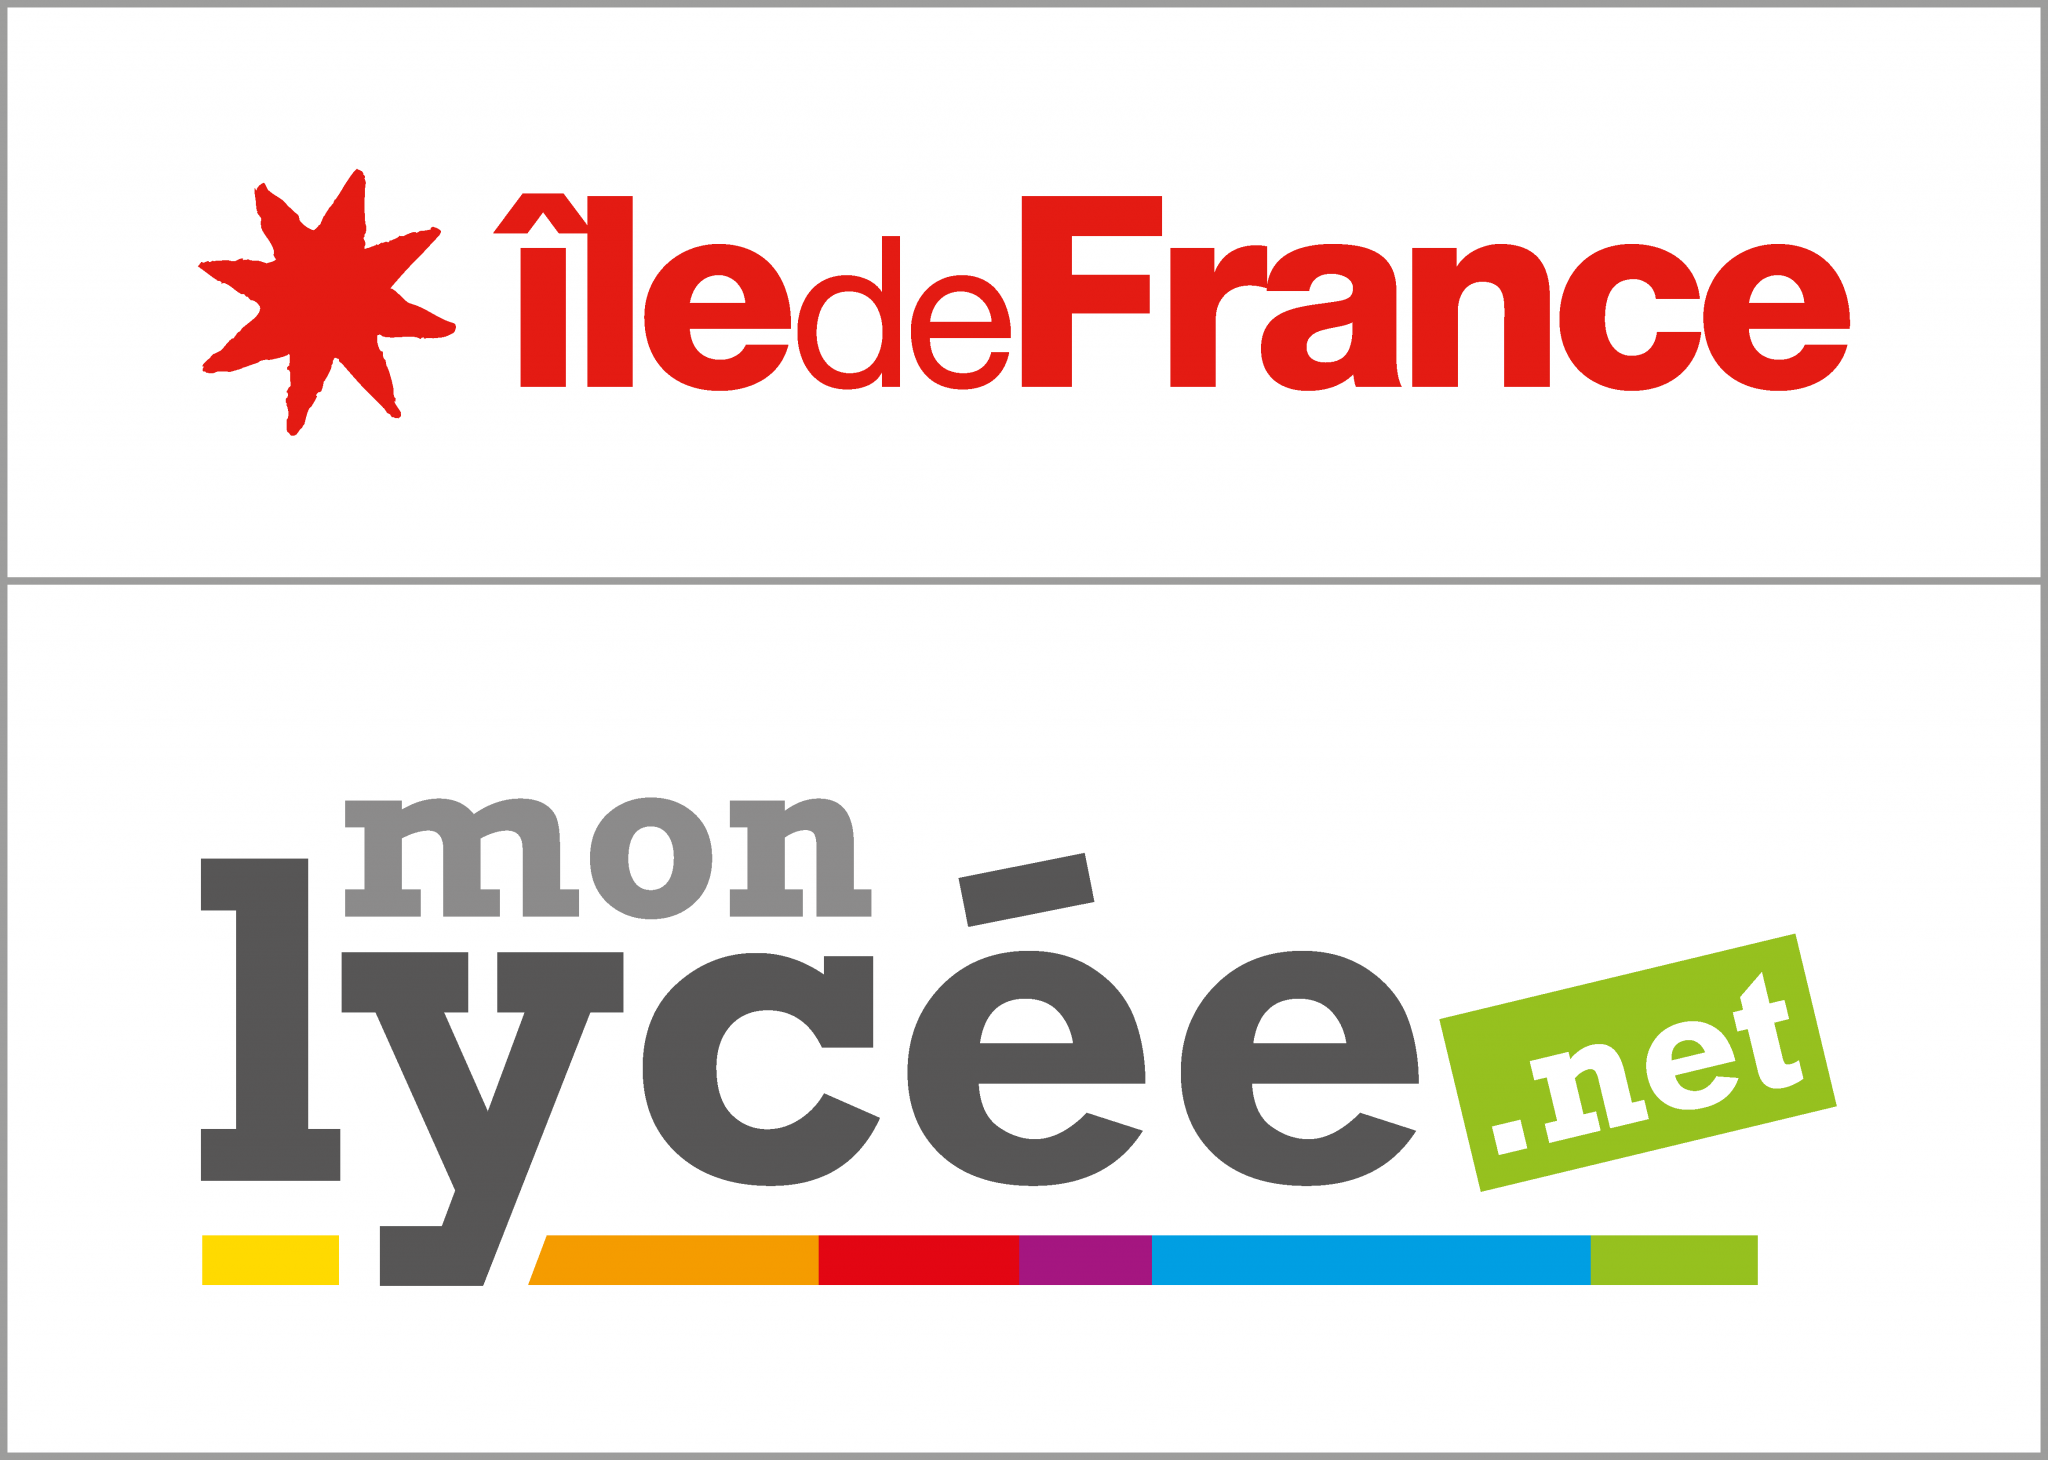 MonLycee.net